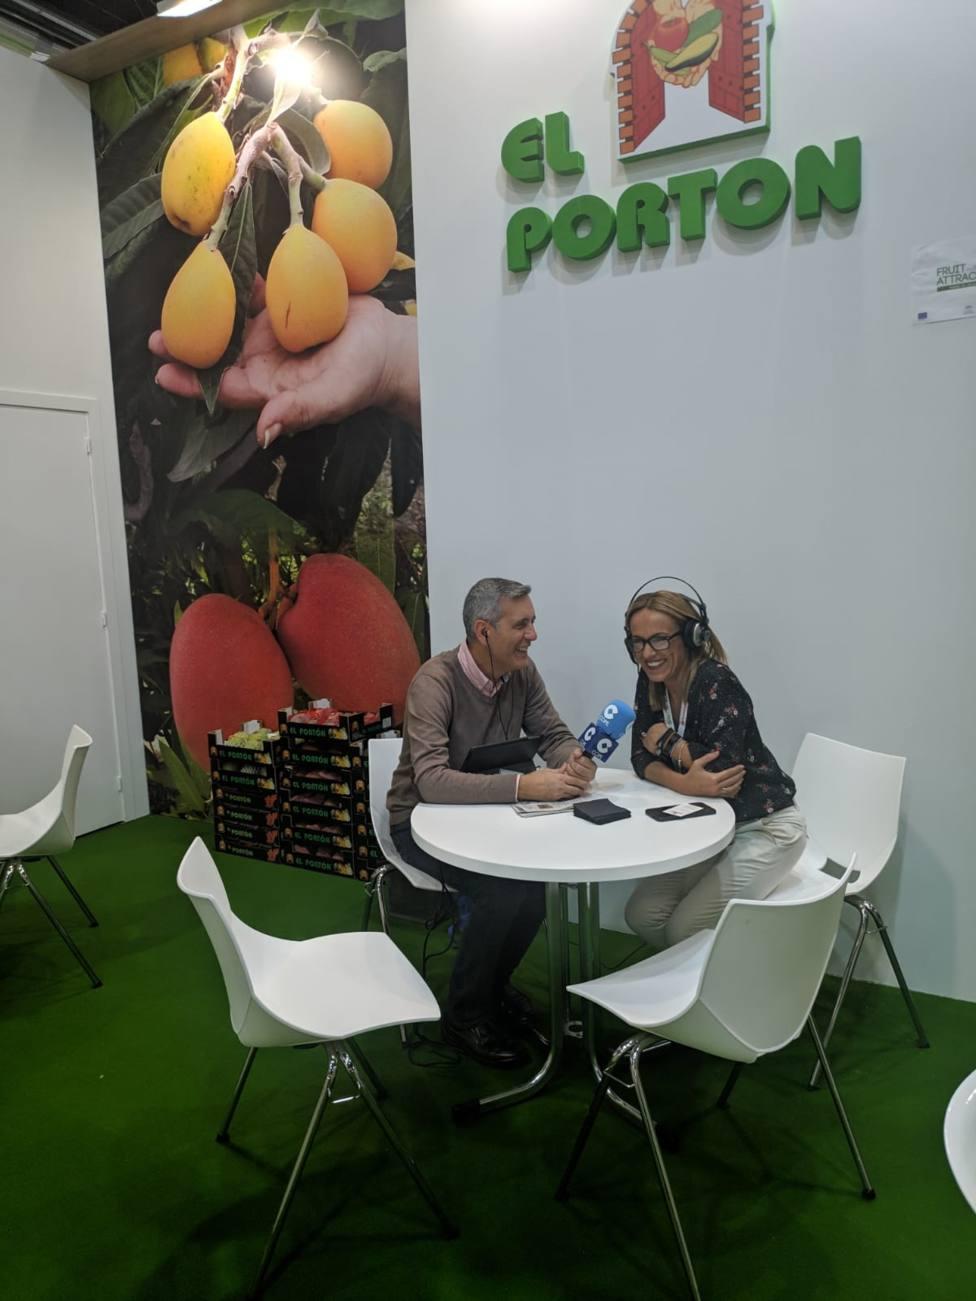 Frutas El Portón